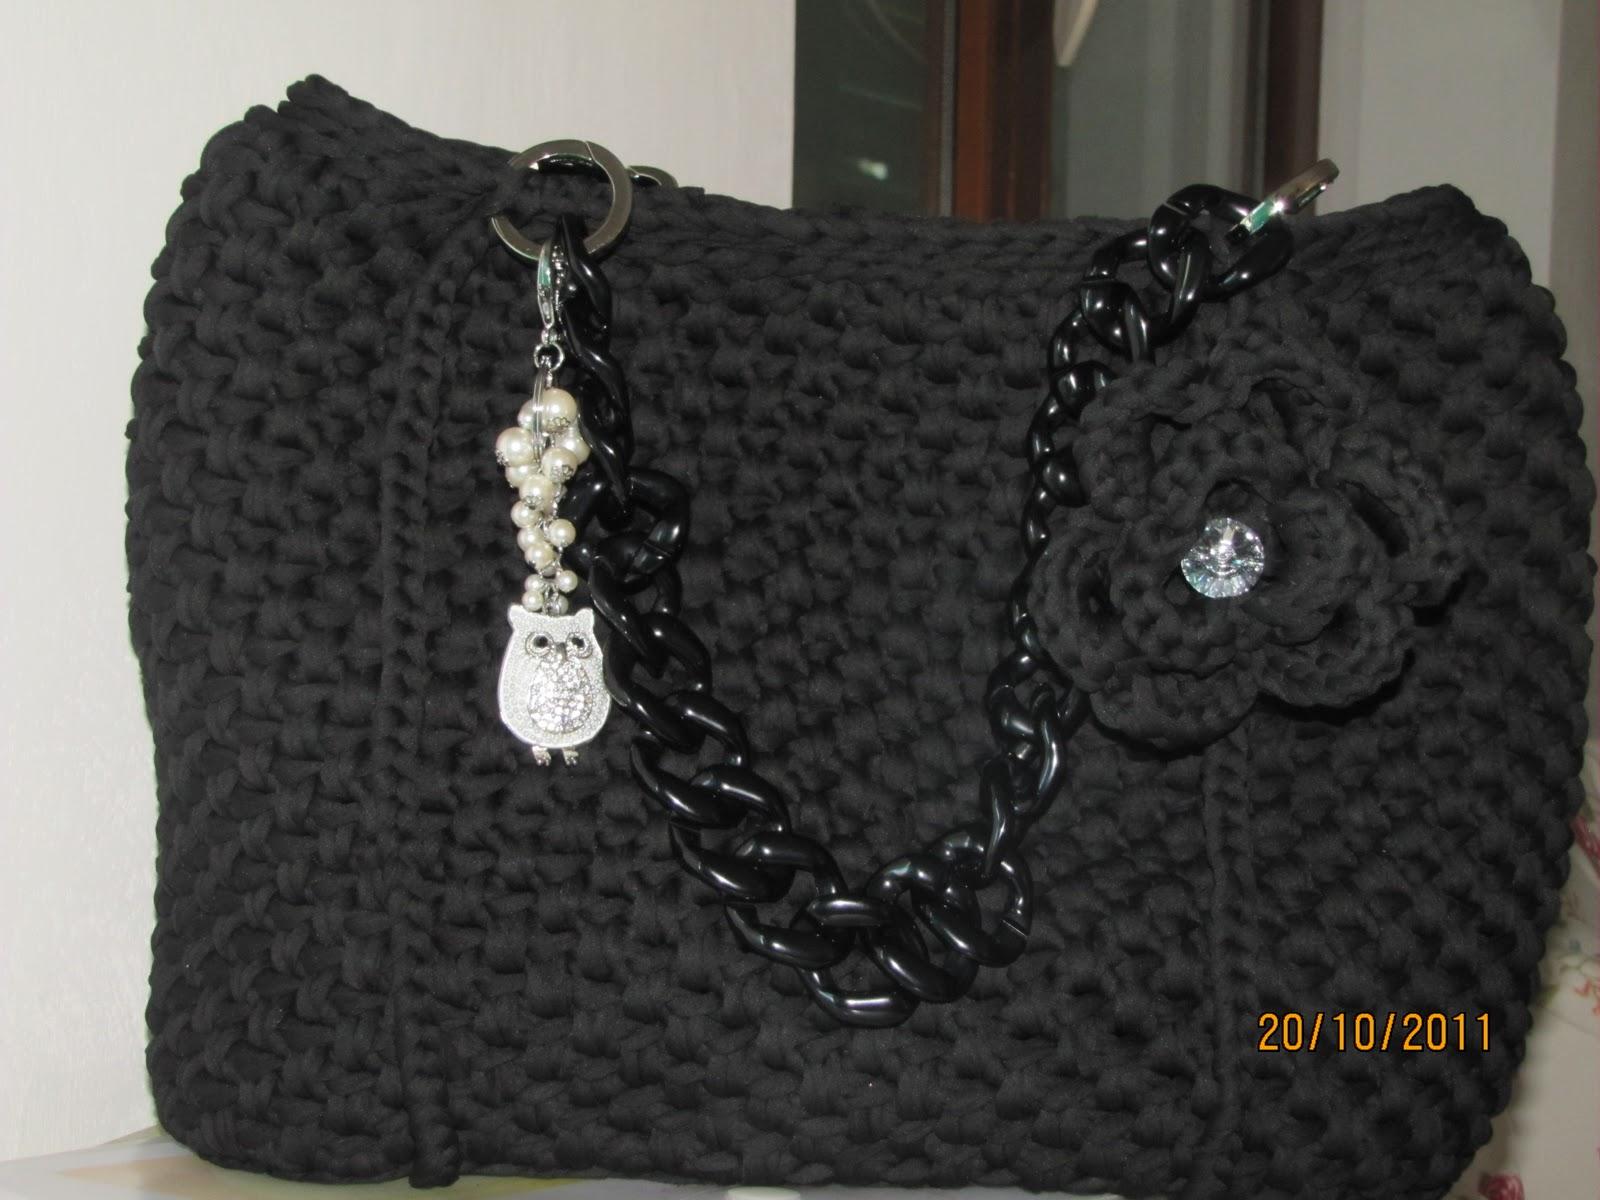 Le borse di mara in fettuccia borsa in fettuccia di lycra for Borse a uncinetto con fettuccia schemi